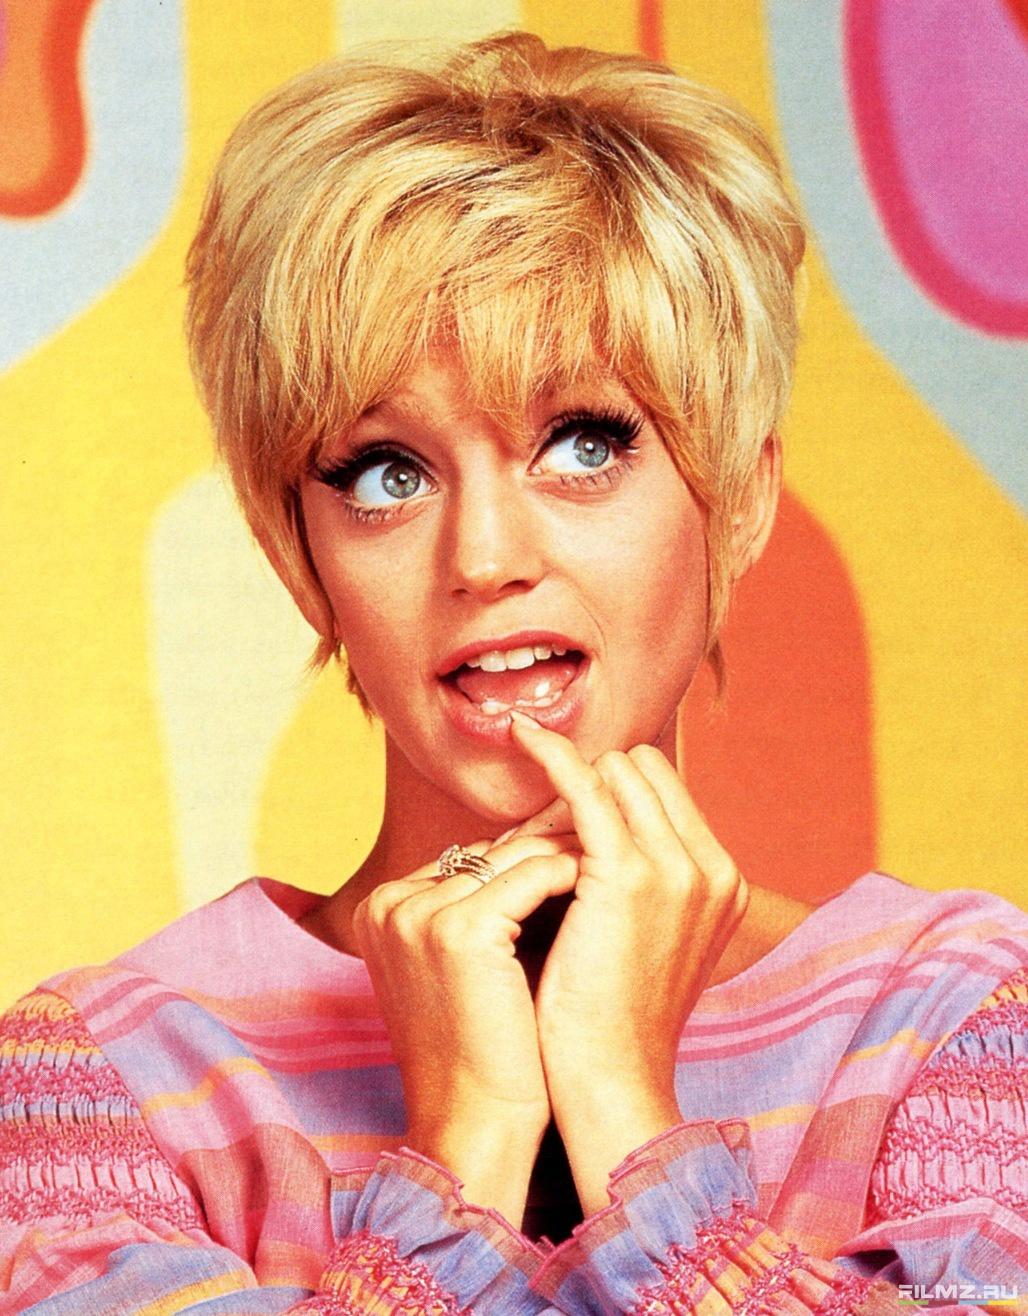 фотосессия промо-слайды Цветок кактуса Голди Хоун,